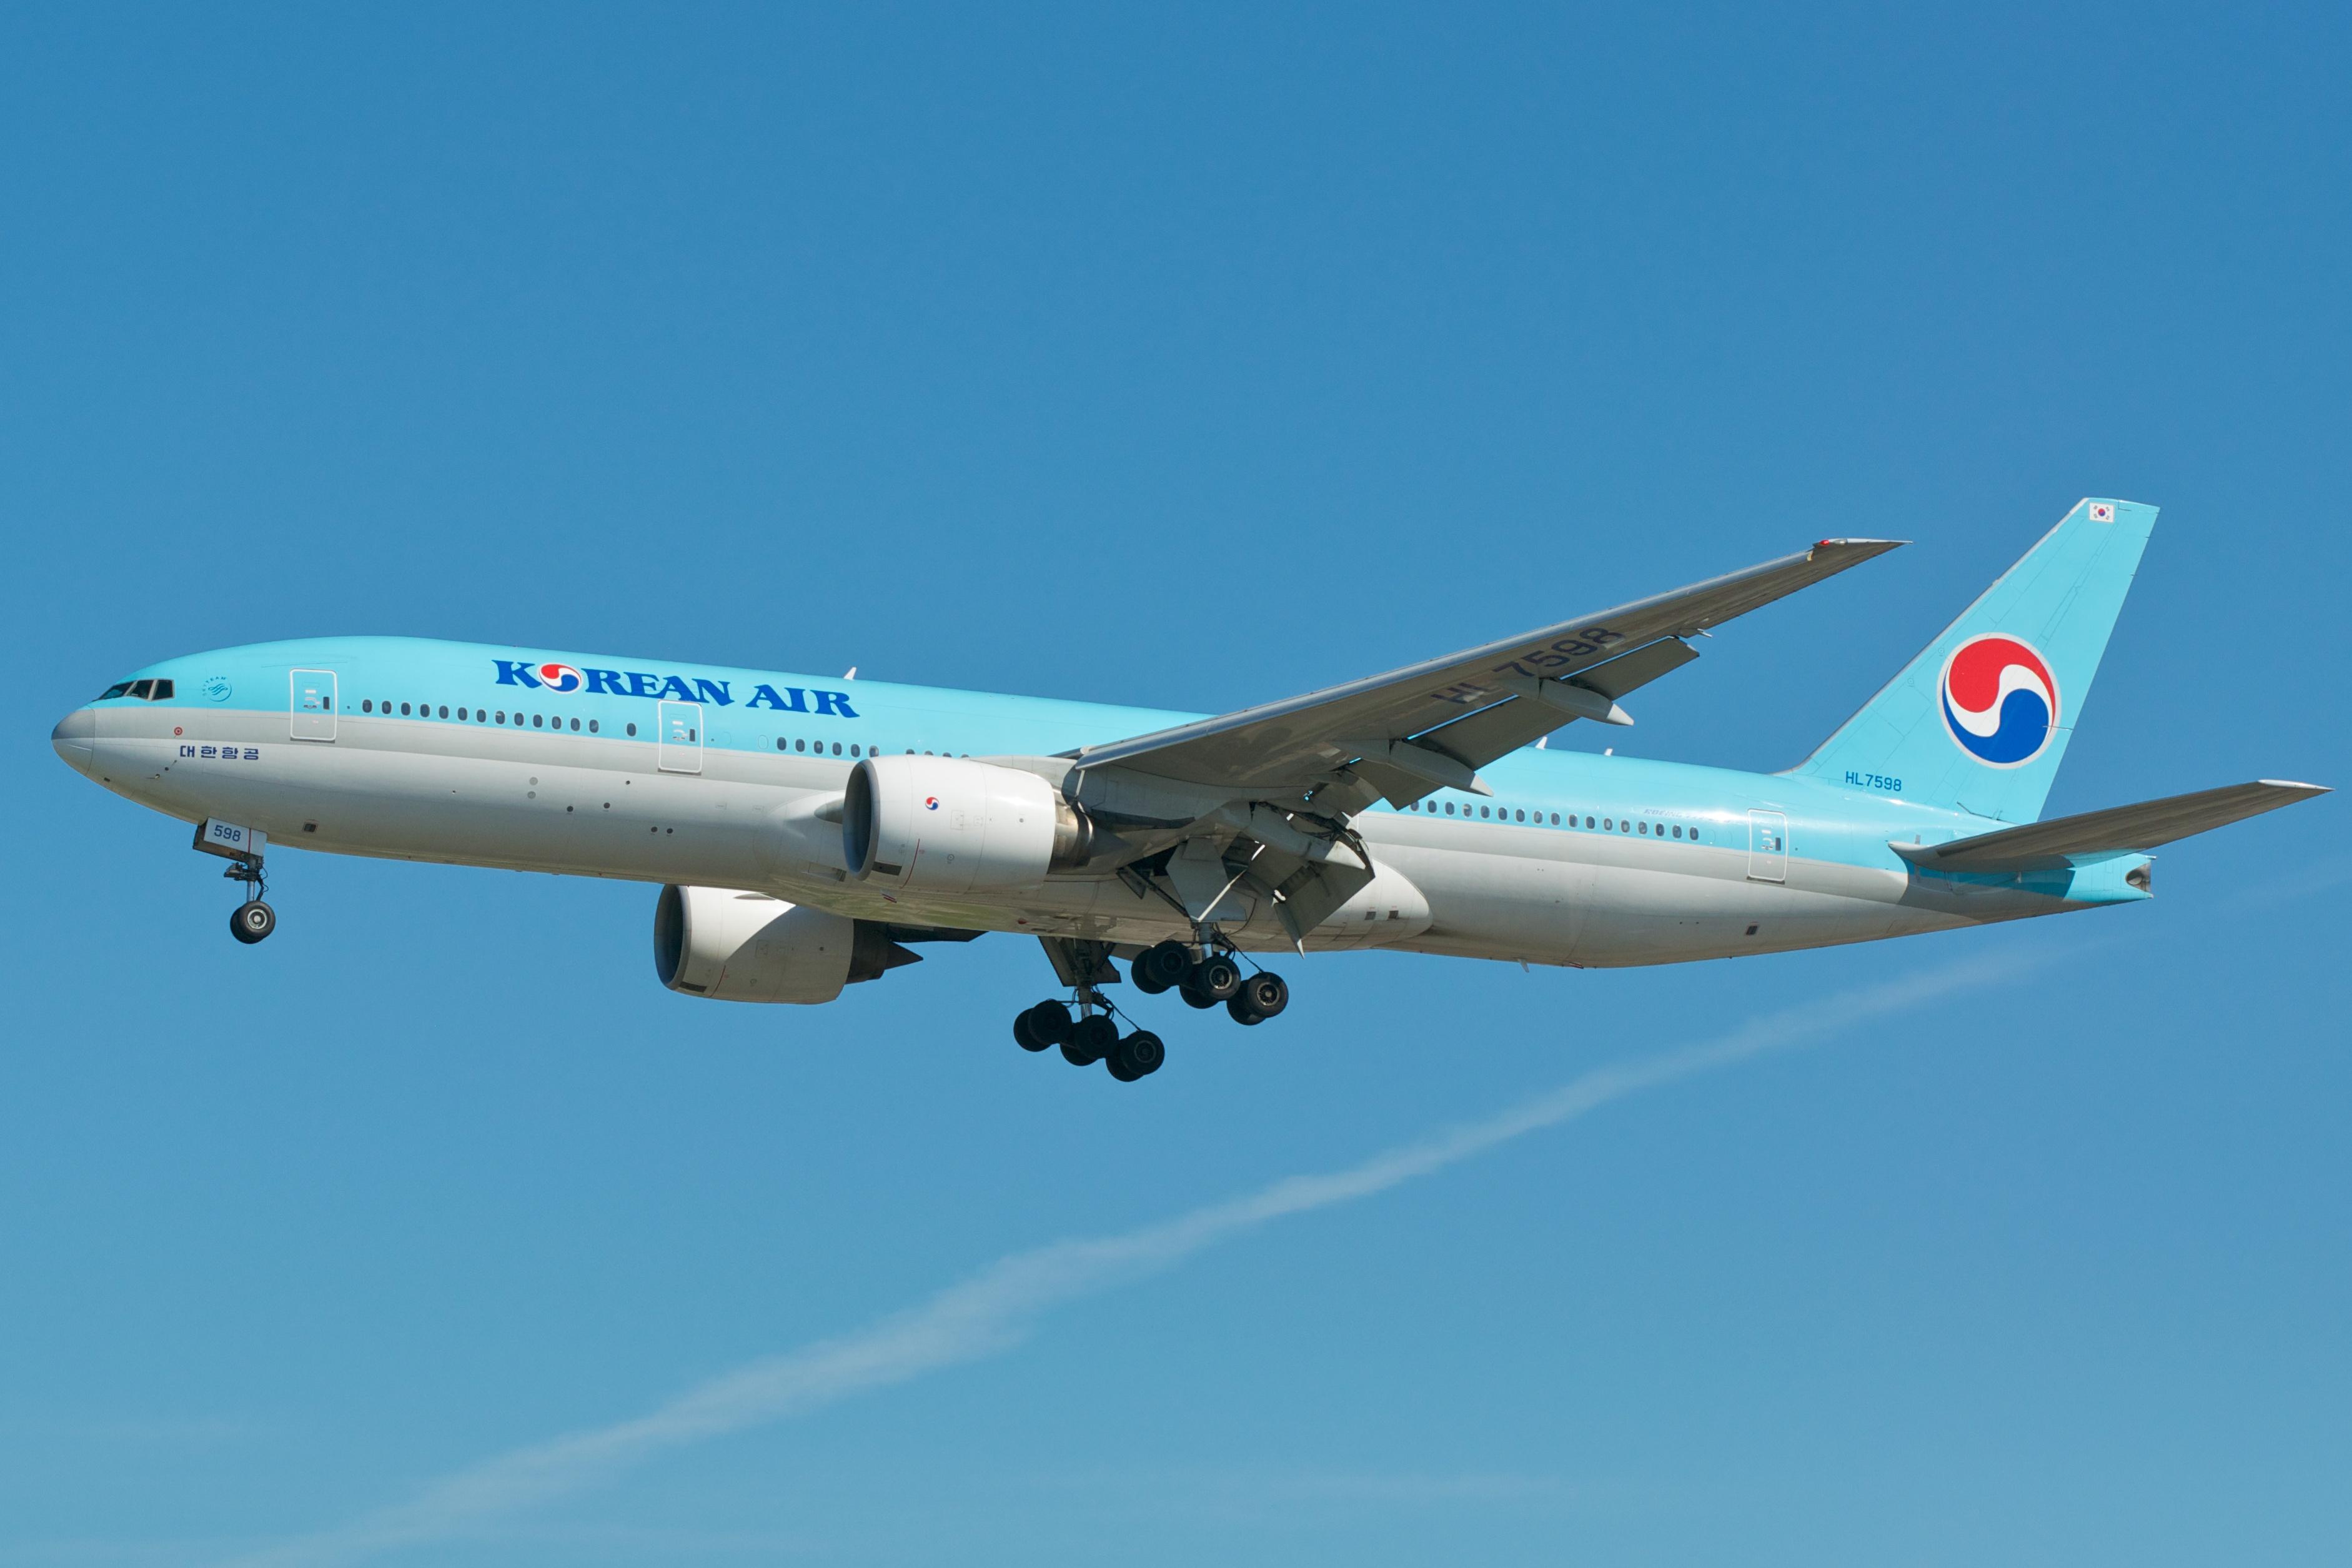 korean air Korean air, đặt mua vé máy bay korean air giá rẻ khuyến mại, đại lý book vé máy bay korean air,phòng vé máy bay korean air tại hà nội, tphcm, đà nẵng uy tín chất lượng.